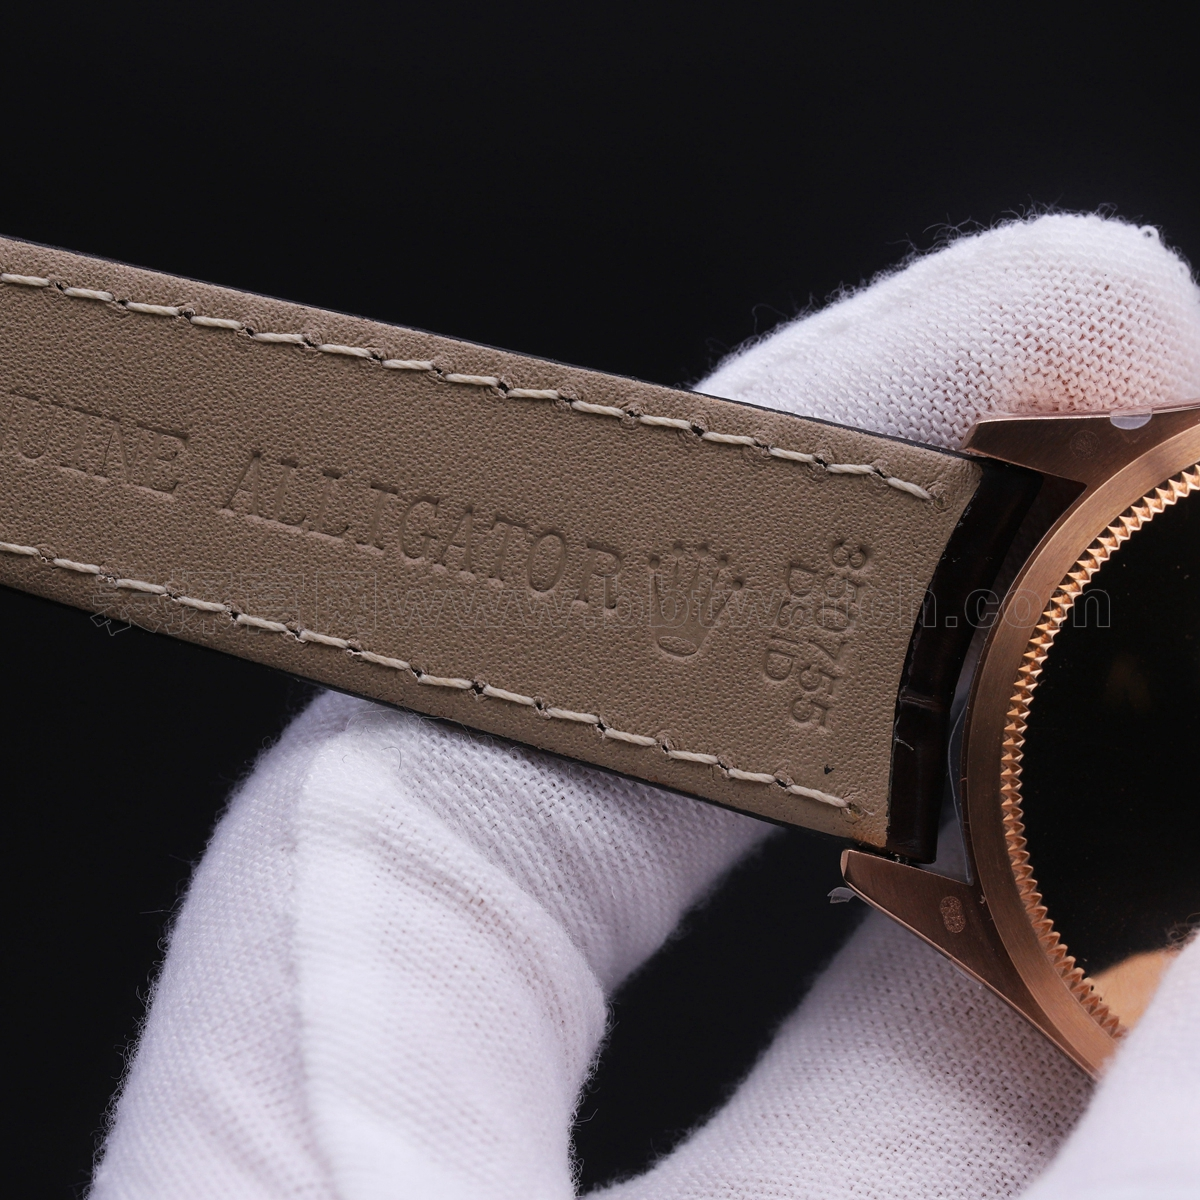 劳力士切利尼系列复刻表m50515-0009 GM评测